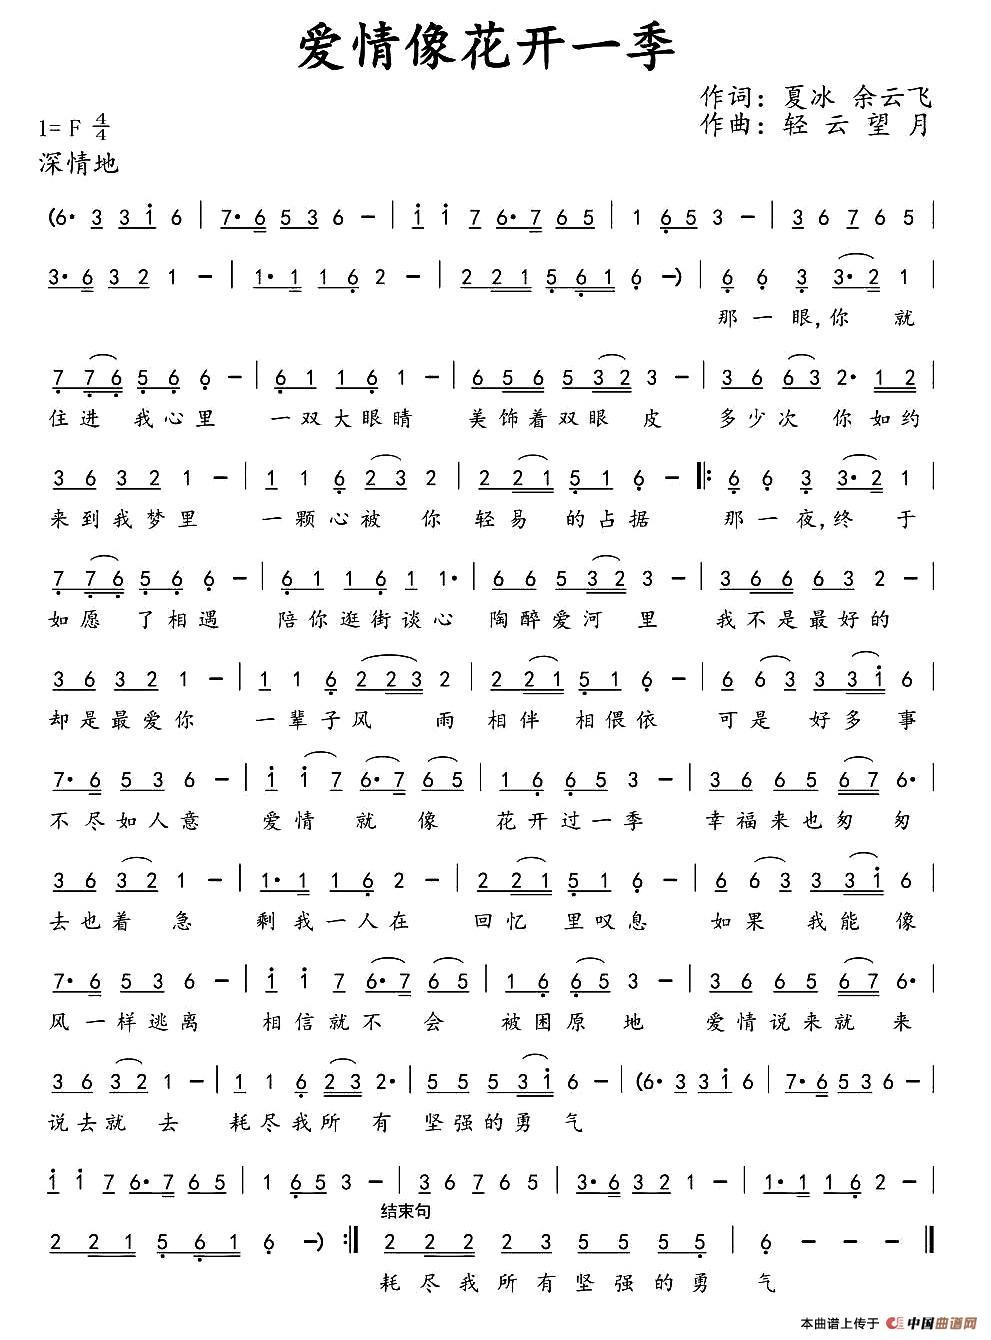 马兰花歌曲歌谱-一季简谱 通俗曲谱 中国曲谱网